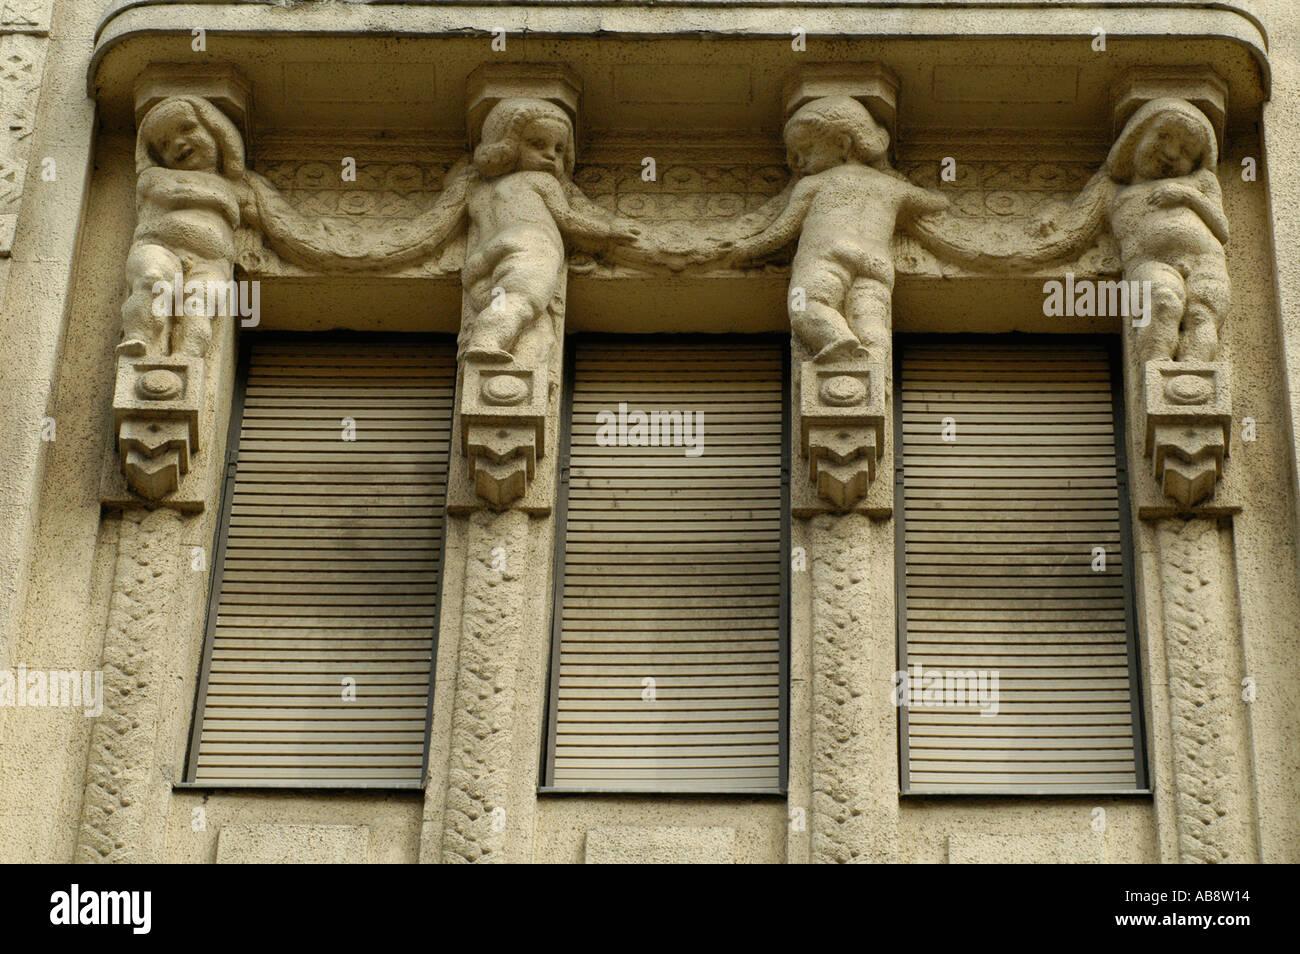 Caryatid around Vaci street Budapest Hungary - Stock Image